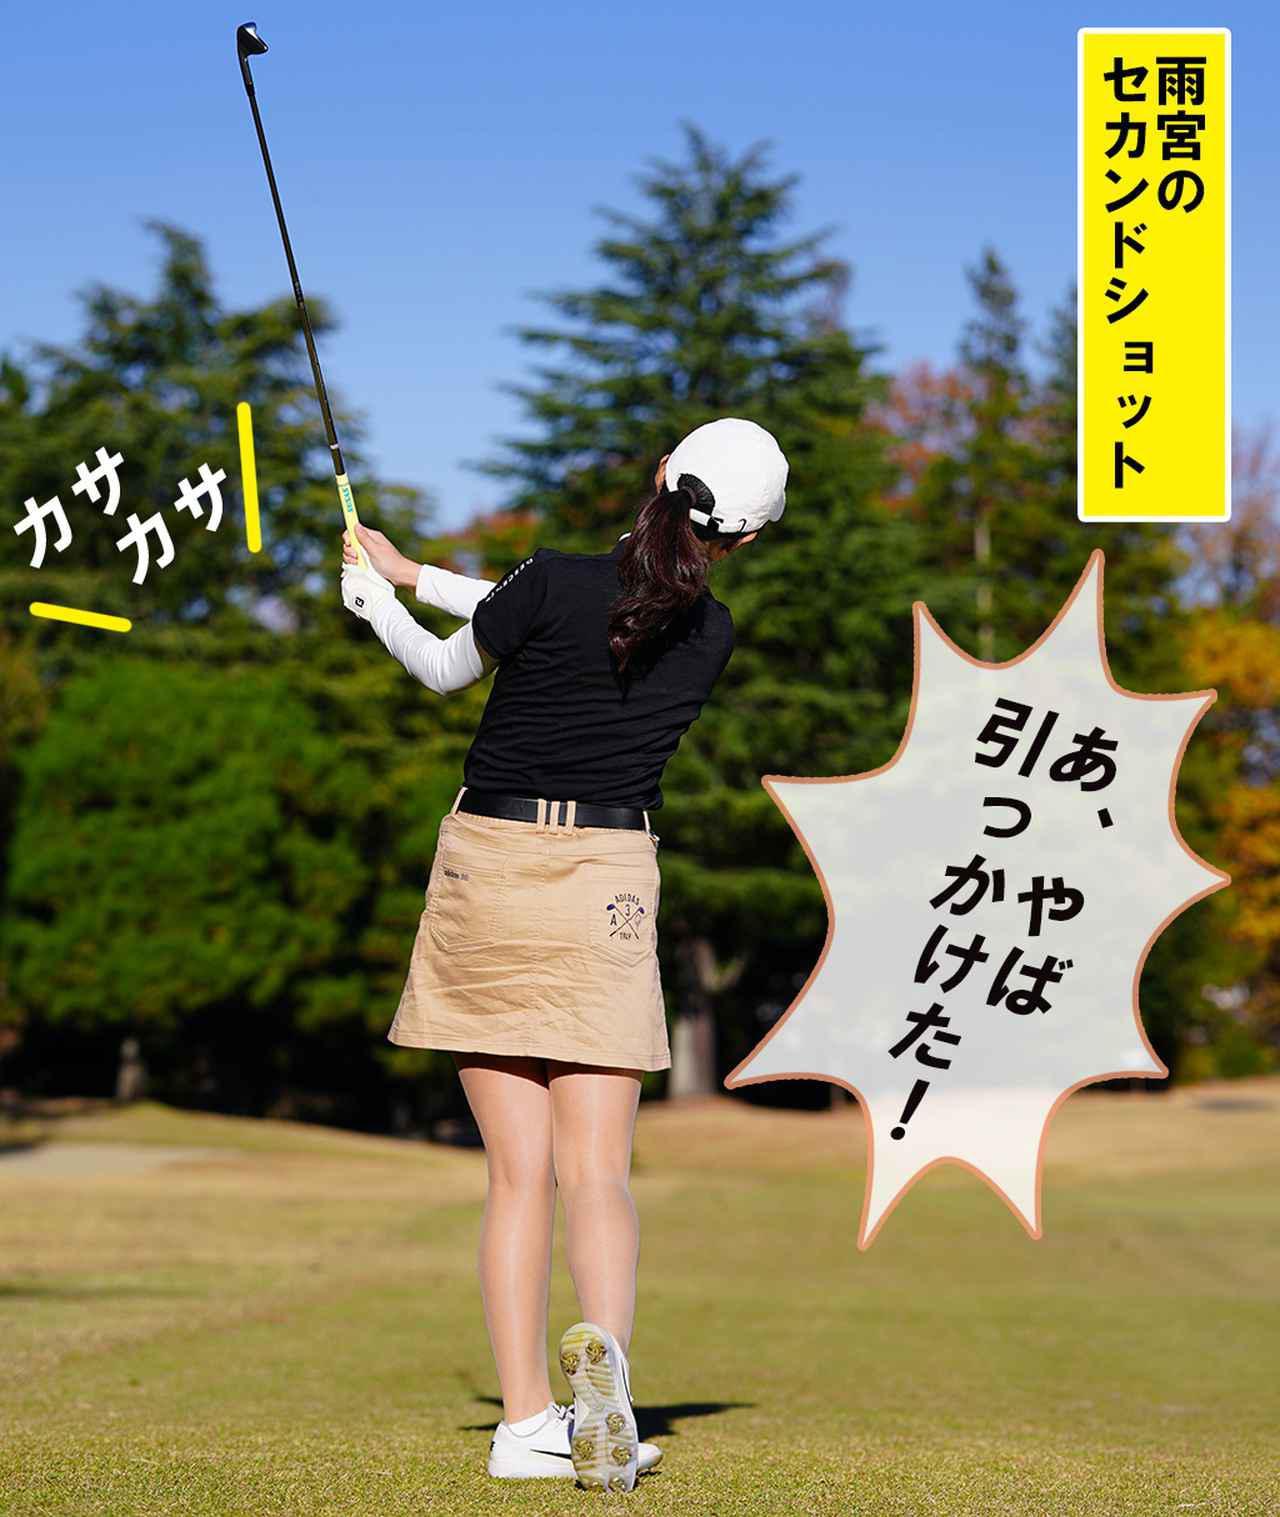 画像1: 【新ルール】木の上の球を枝を揺らして落とした。こういうときはどうする?